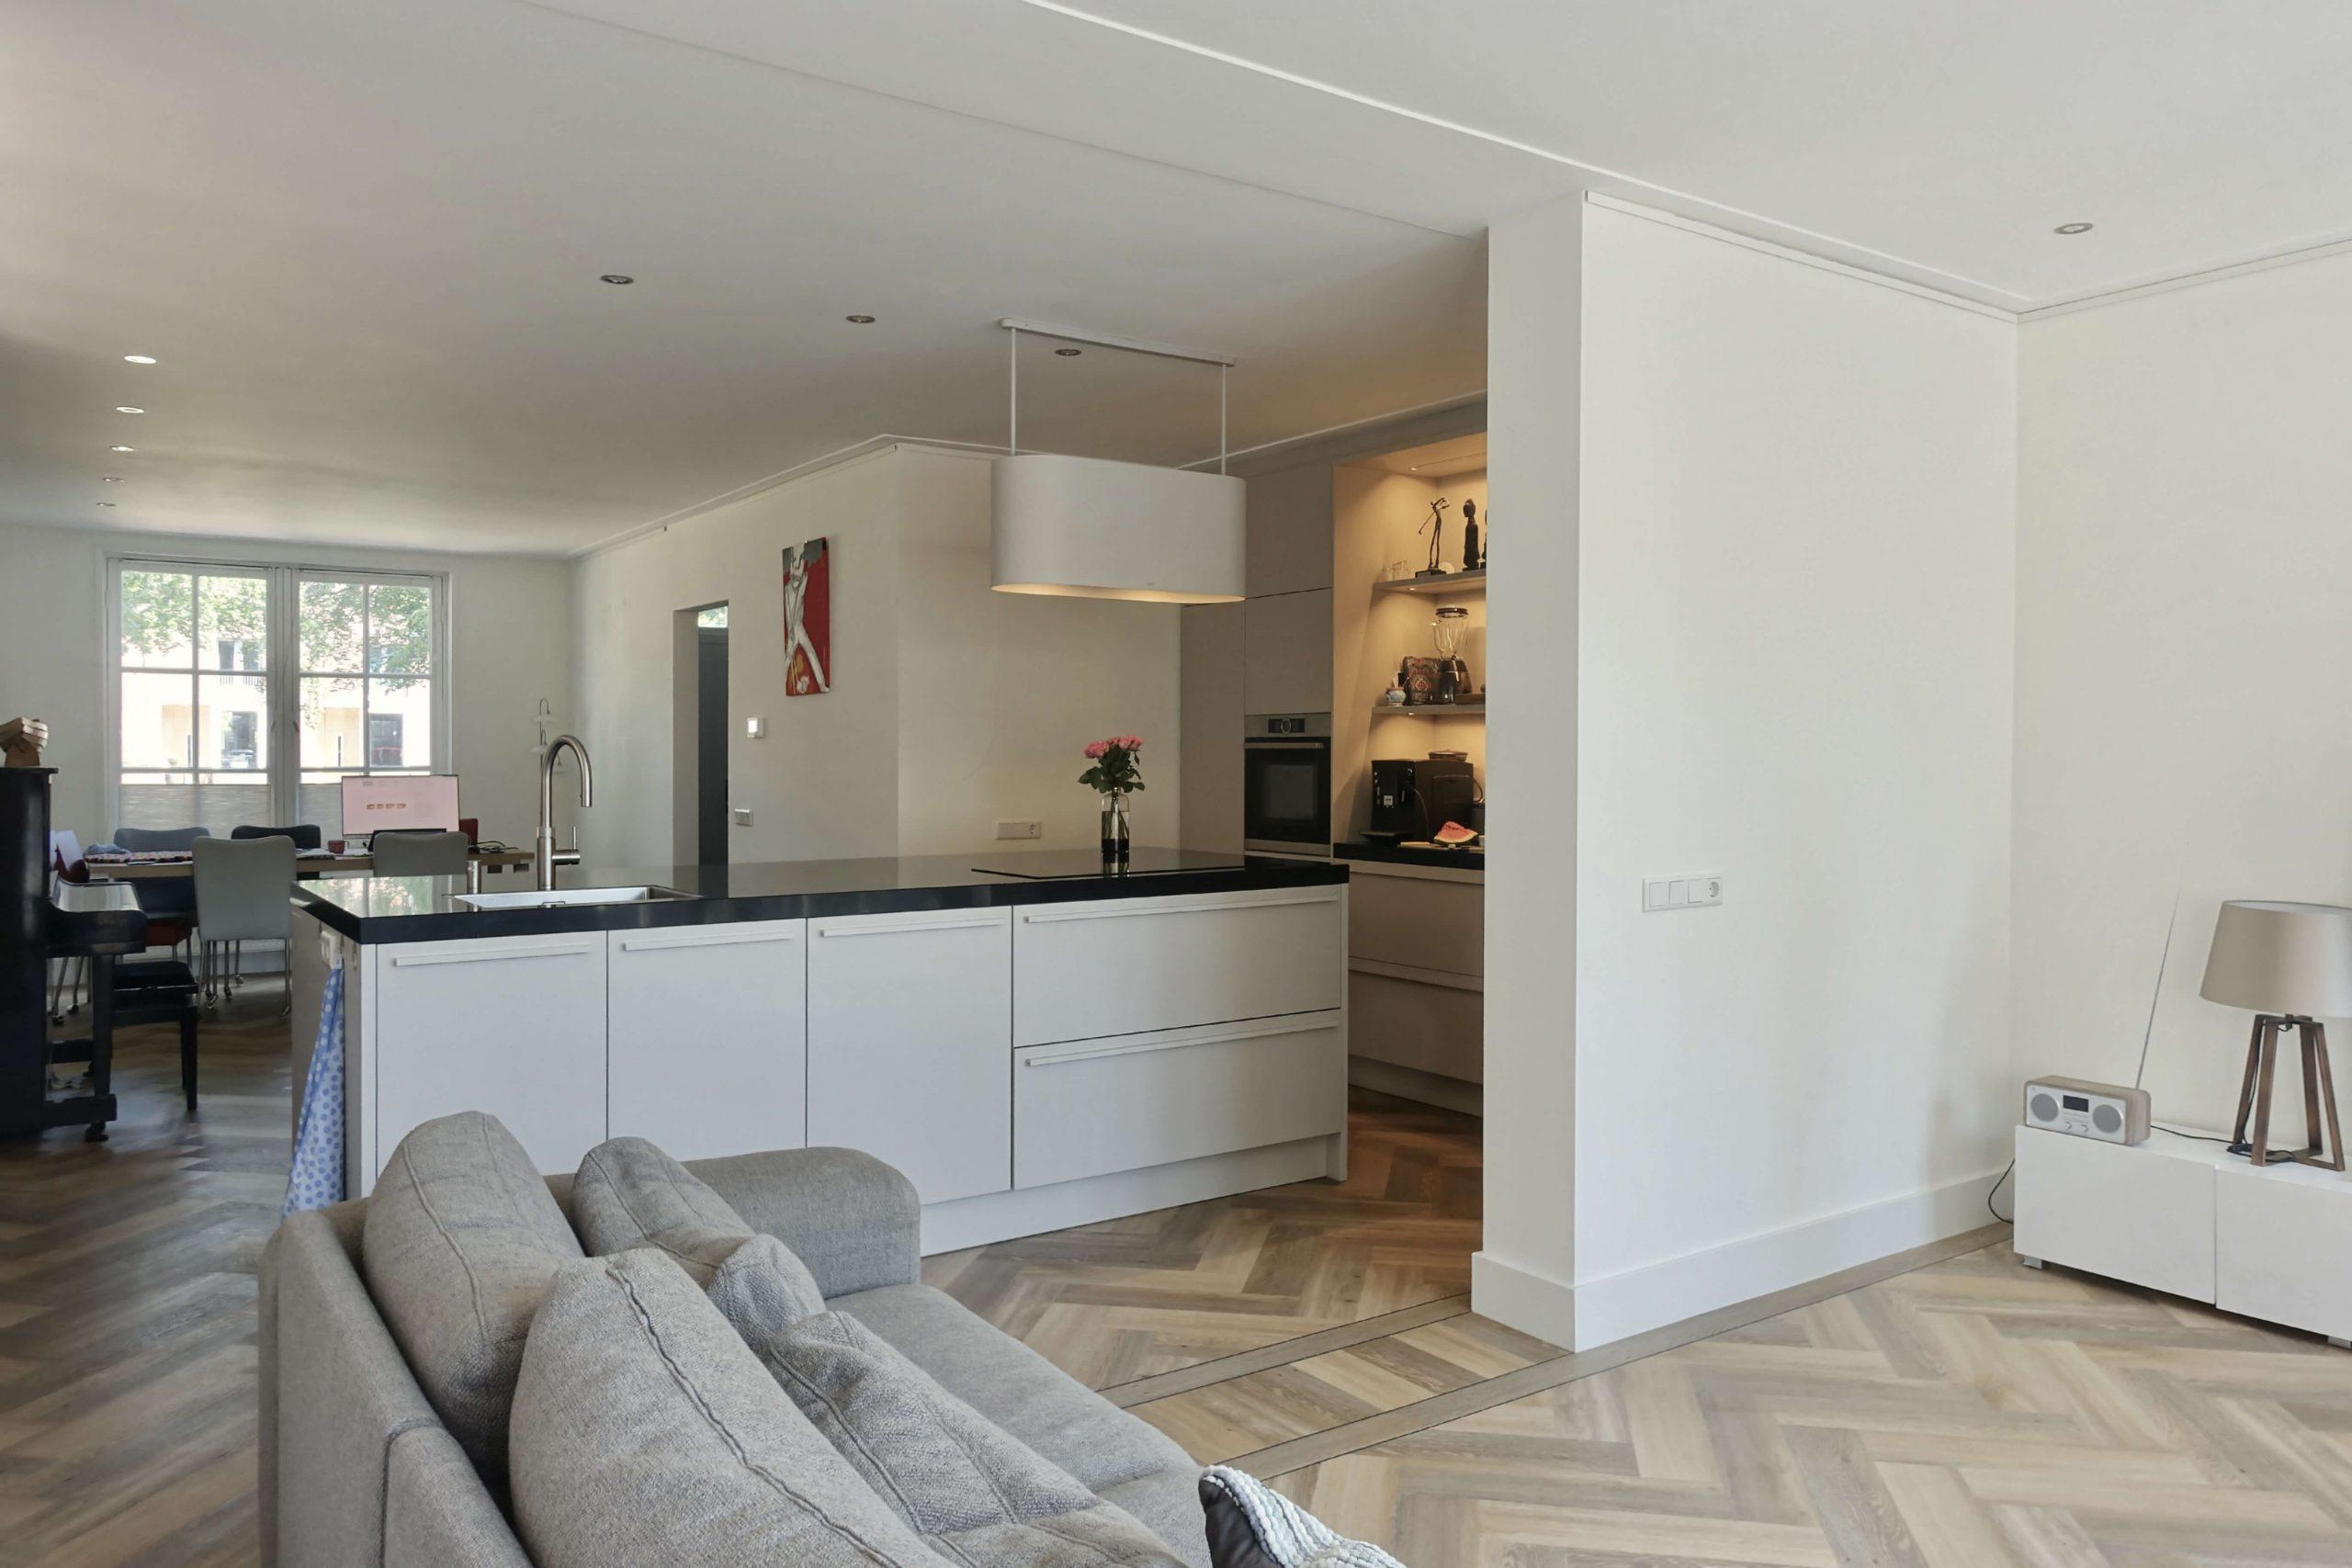 designkeuken met kookeiland in uitbouw woning